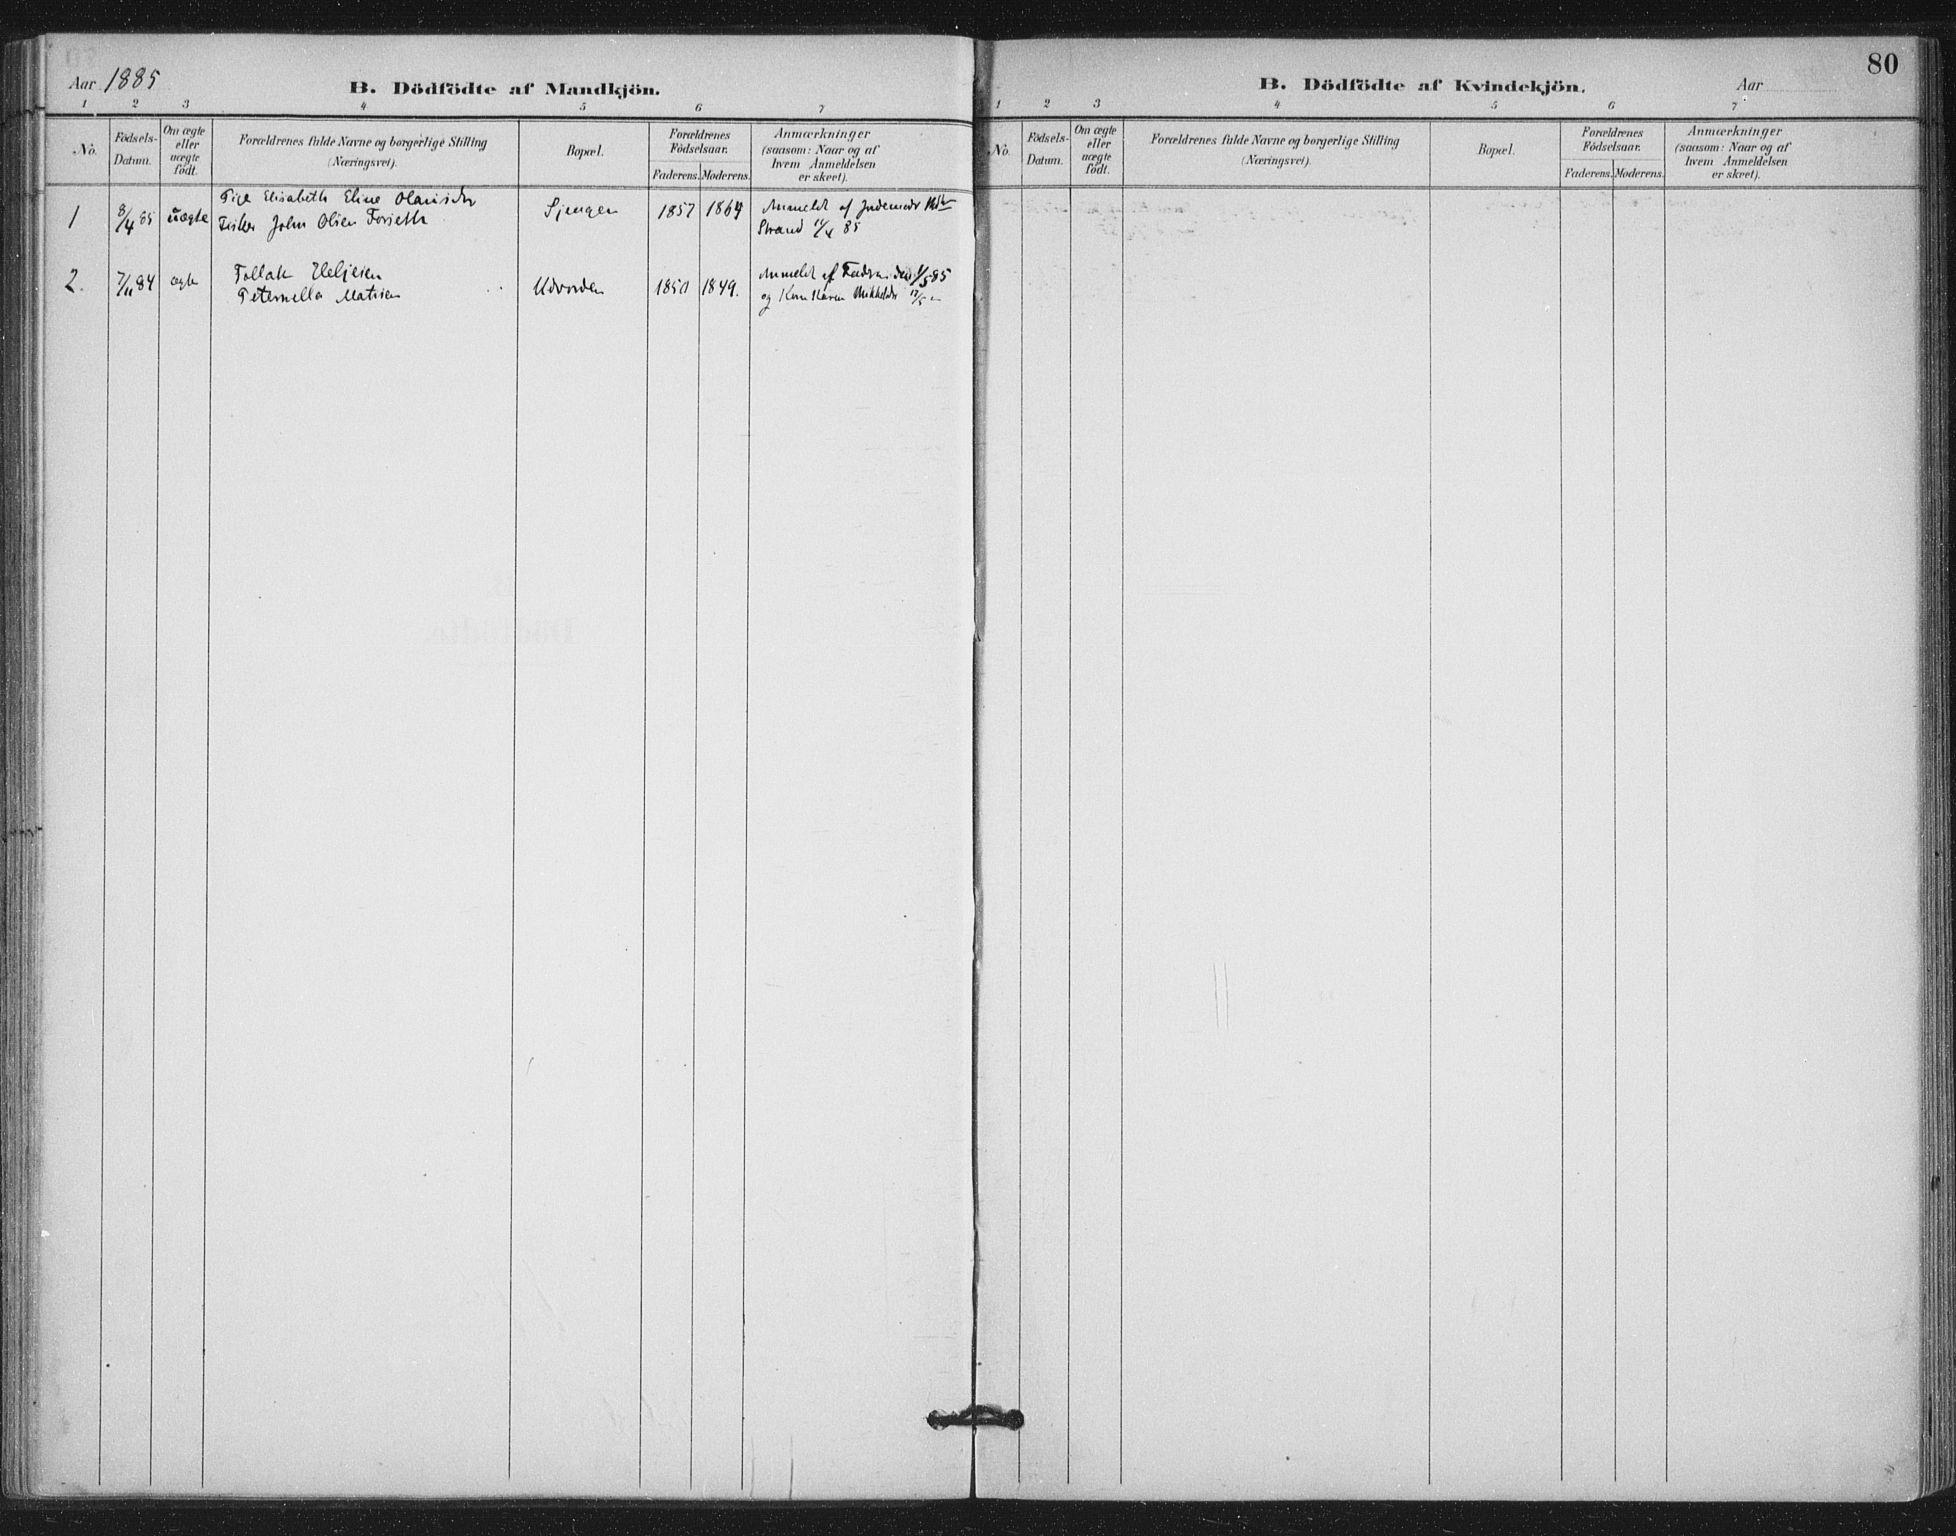 SAT, Ministerialprotokoller, klokkerbøker og fødselsregistre - Nord-Trøndelag, 772/L0603: Ministerialbok nr. 772A01, 1885-1912, s. 80